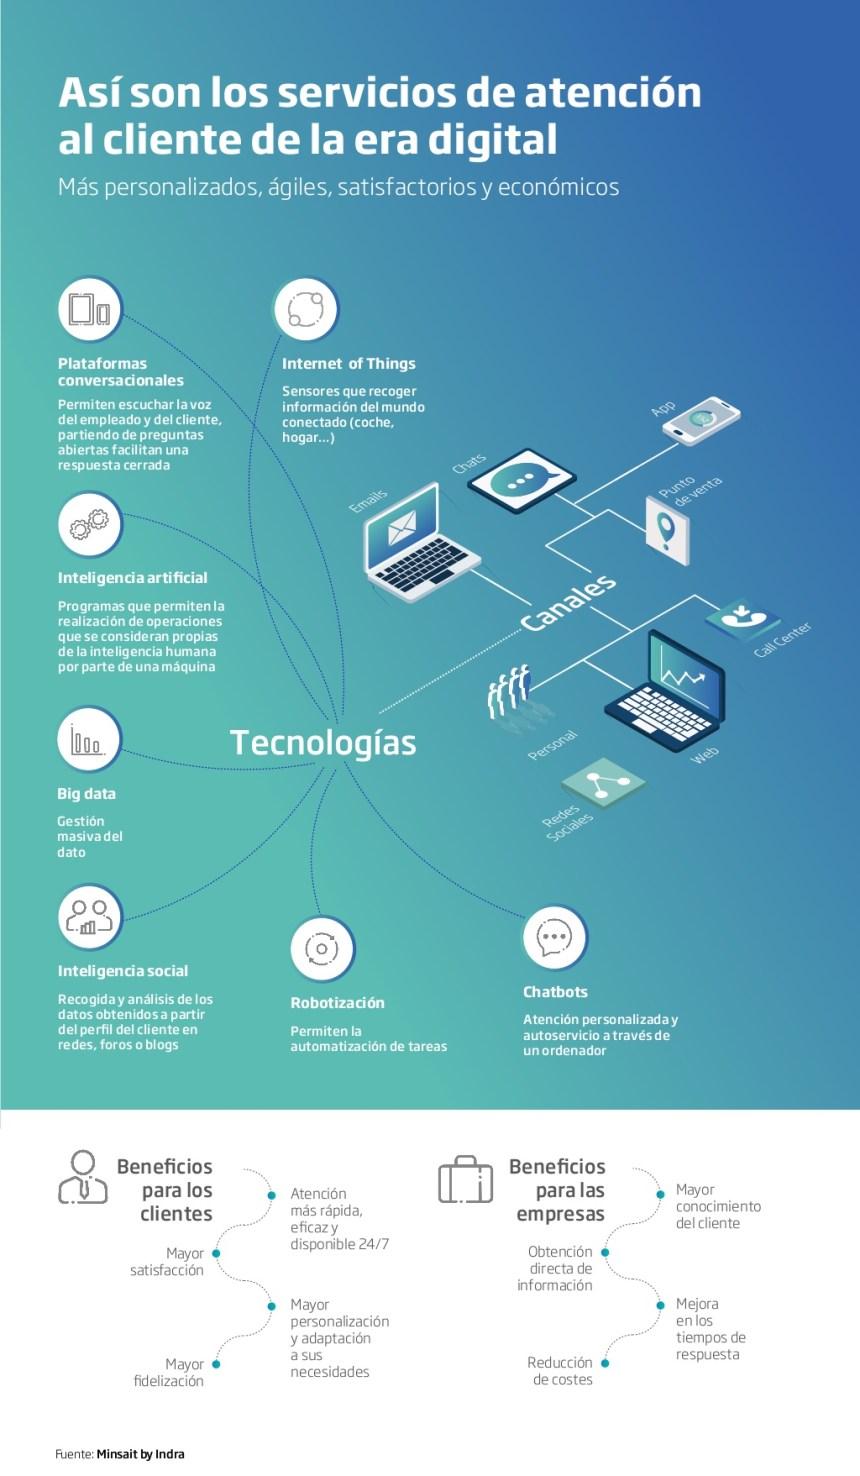 La atención al cliente en la era digital